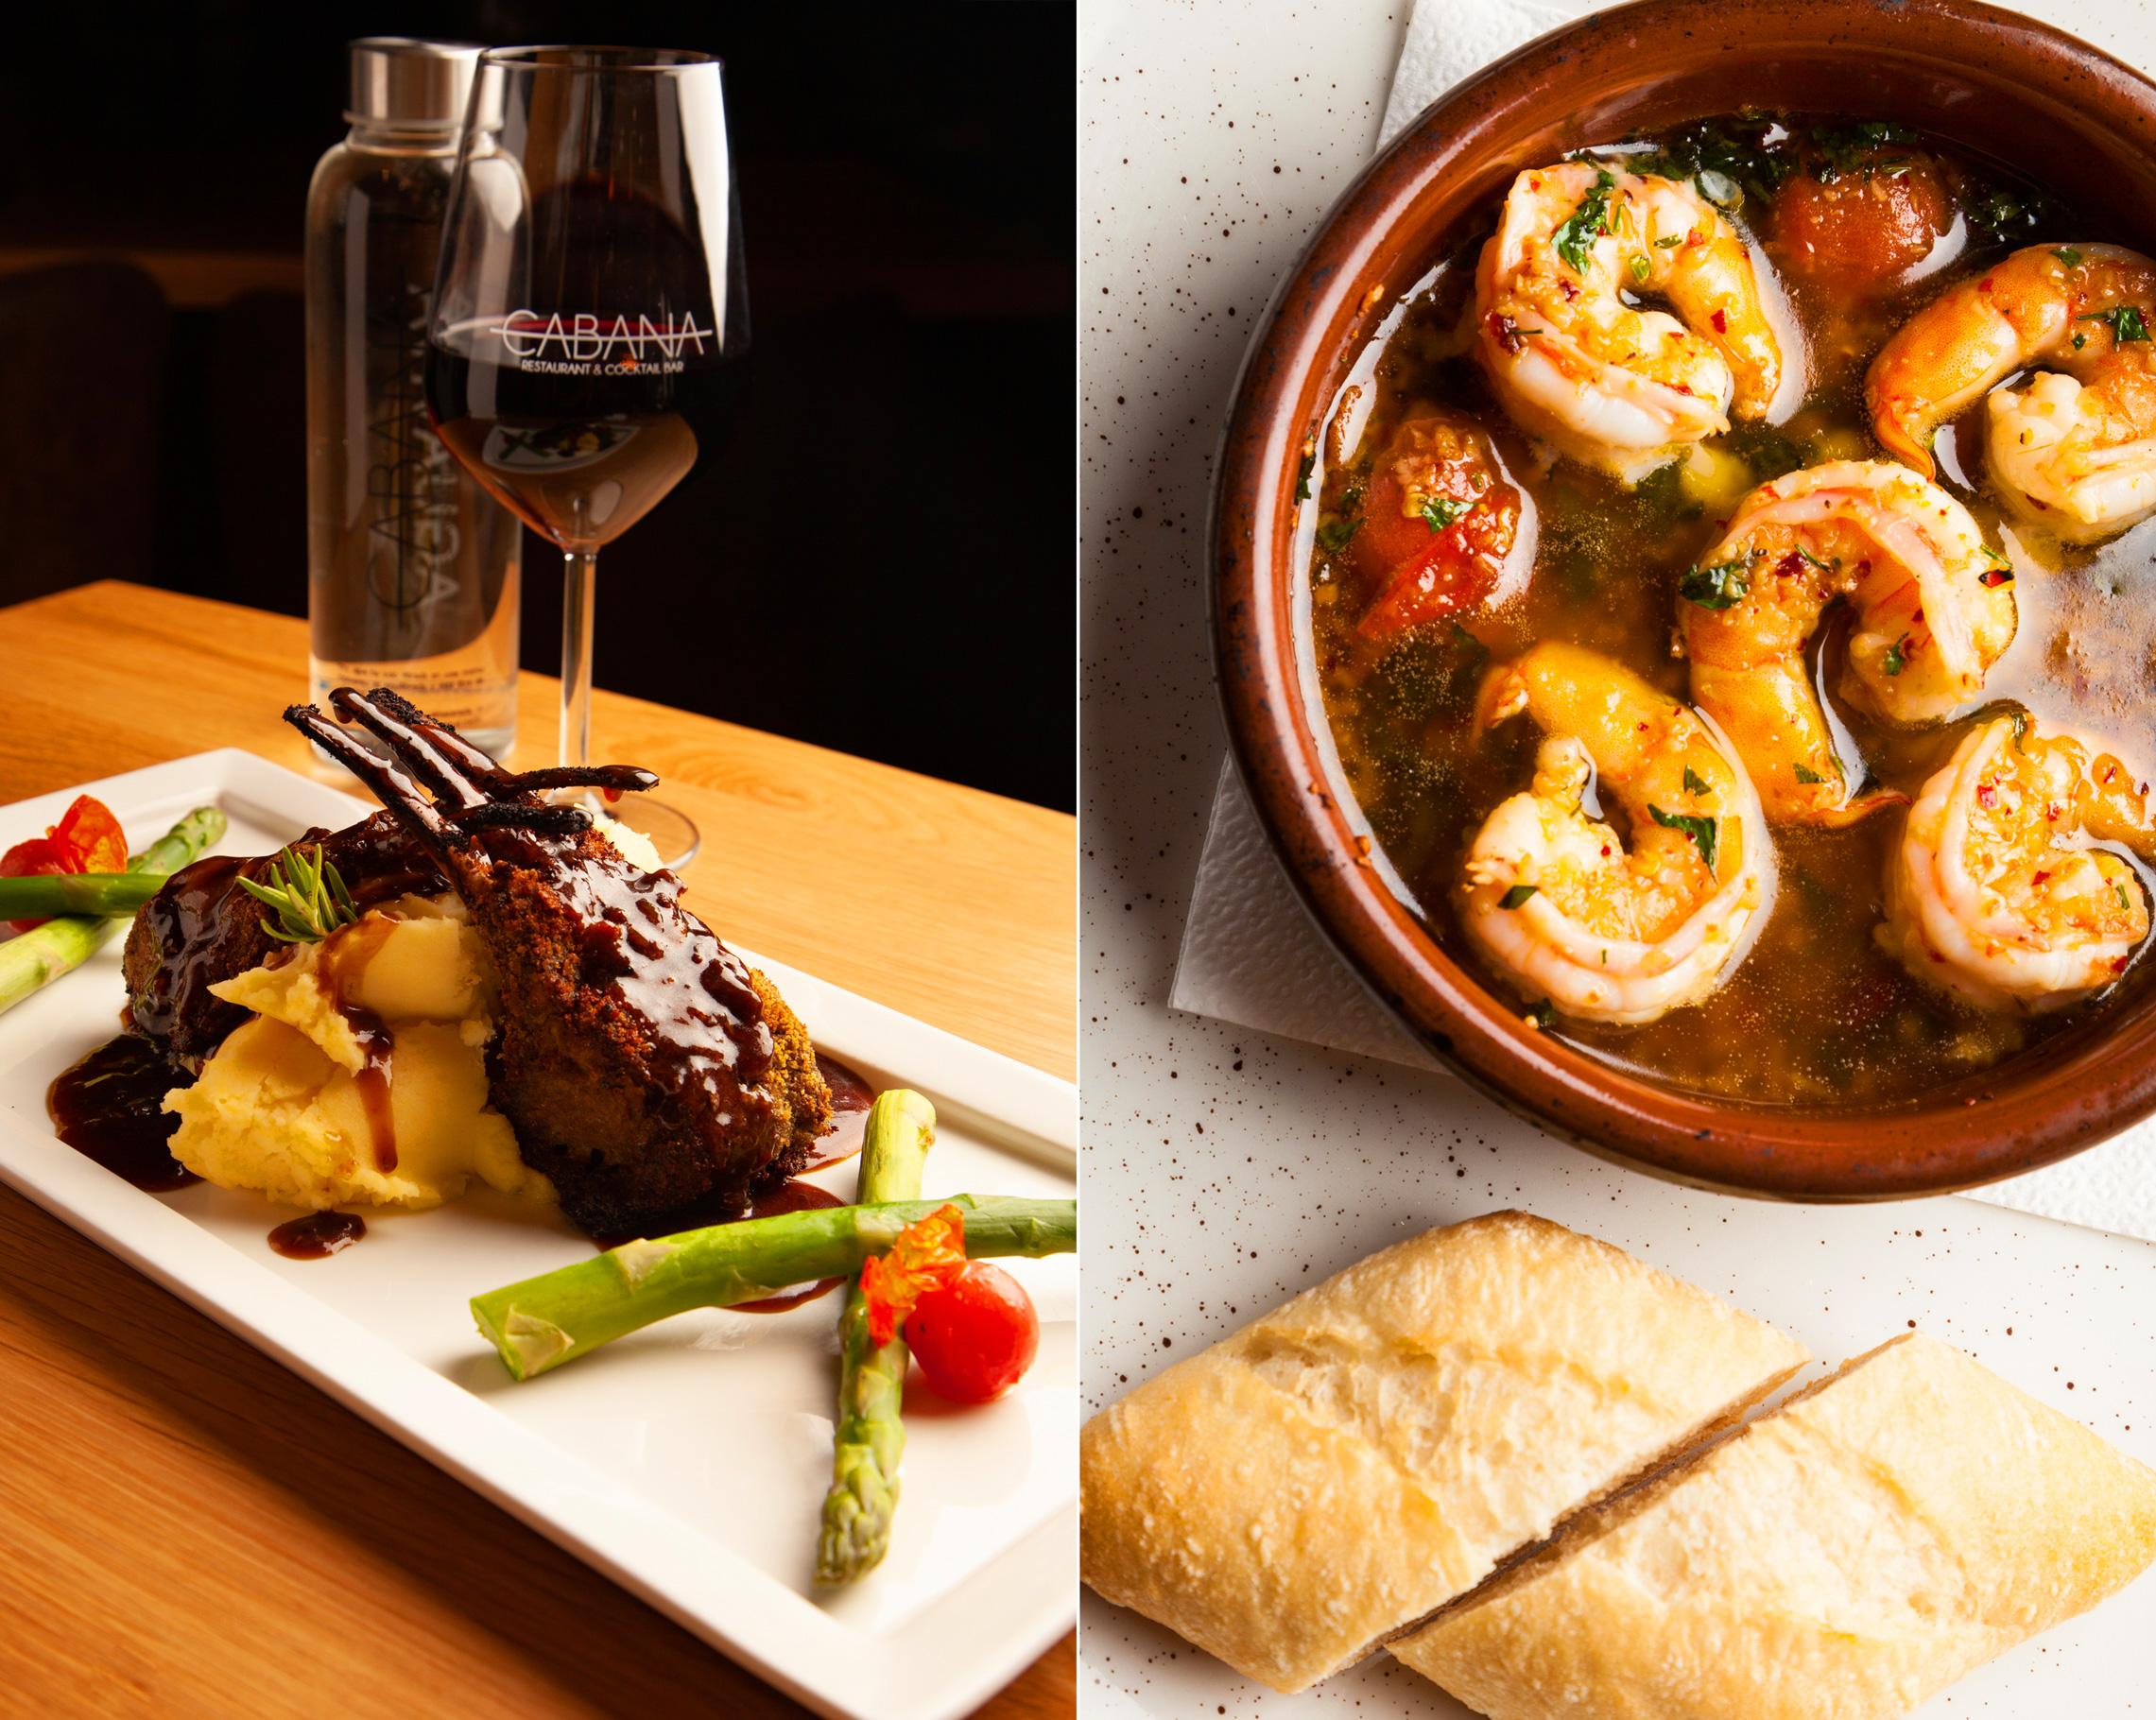 Cabana Restaurant Diseño Web + Fotografía Alimentos